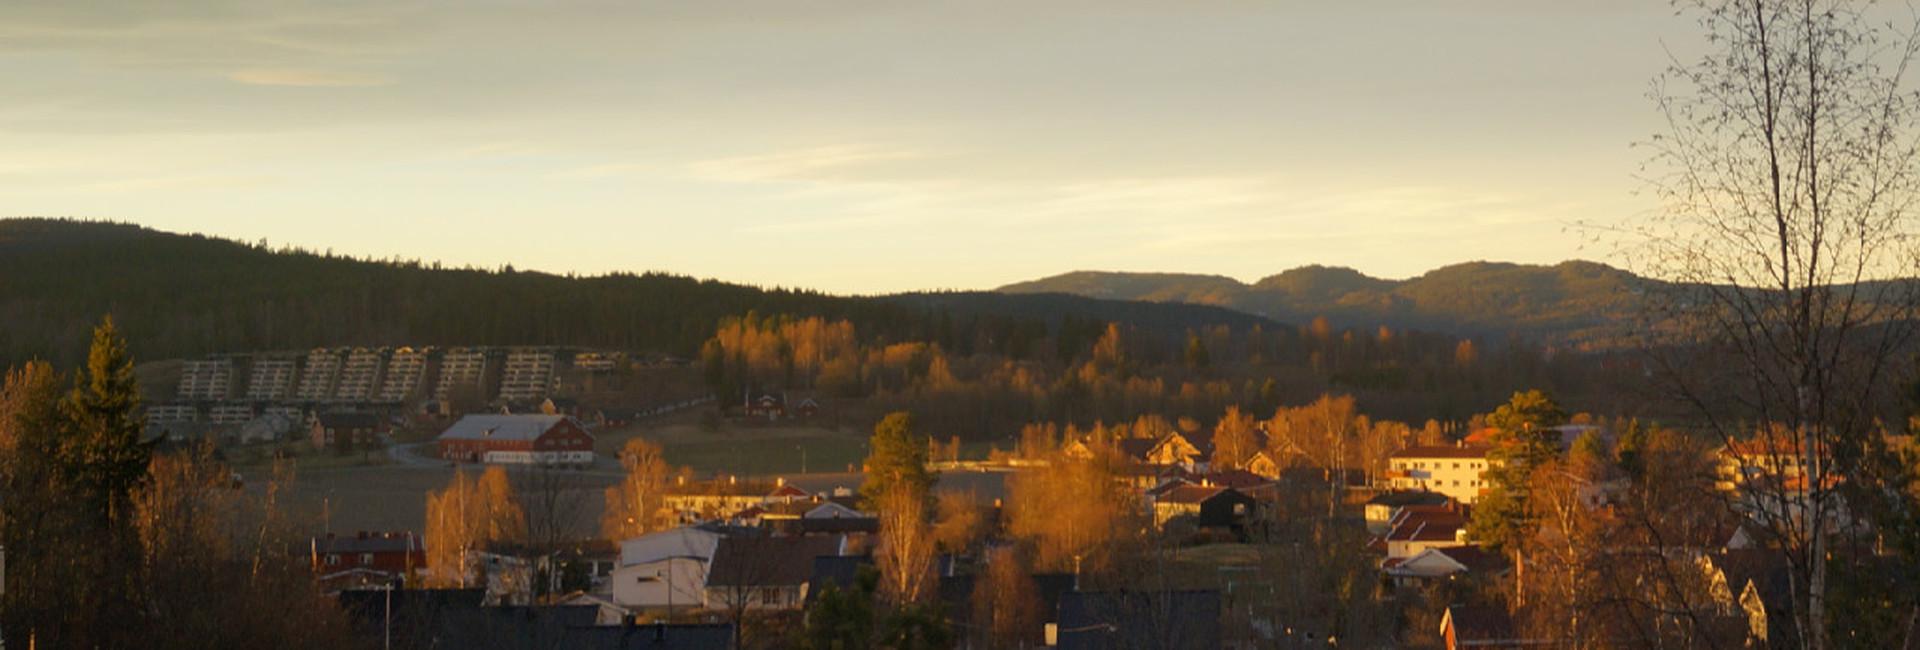 Utsikt fra E58 mot Bogstad, april.jpg